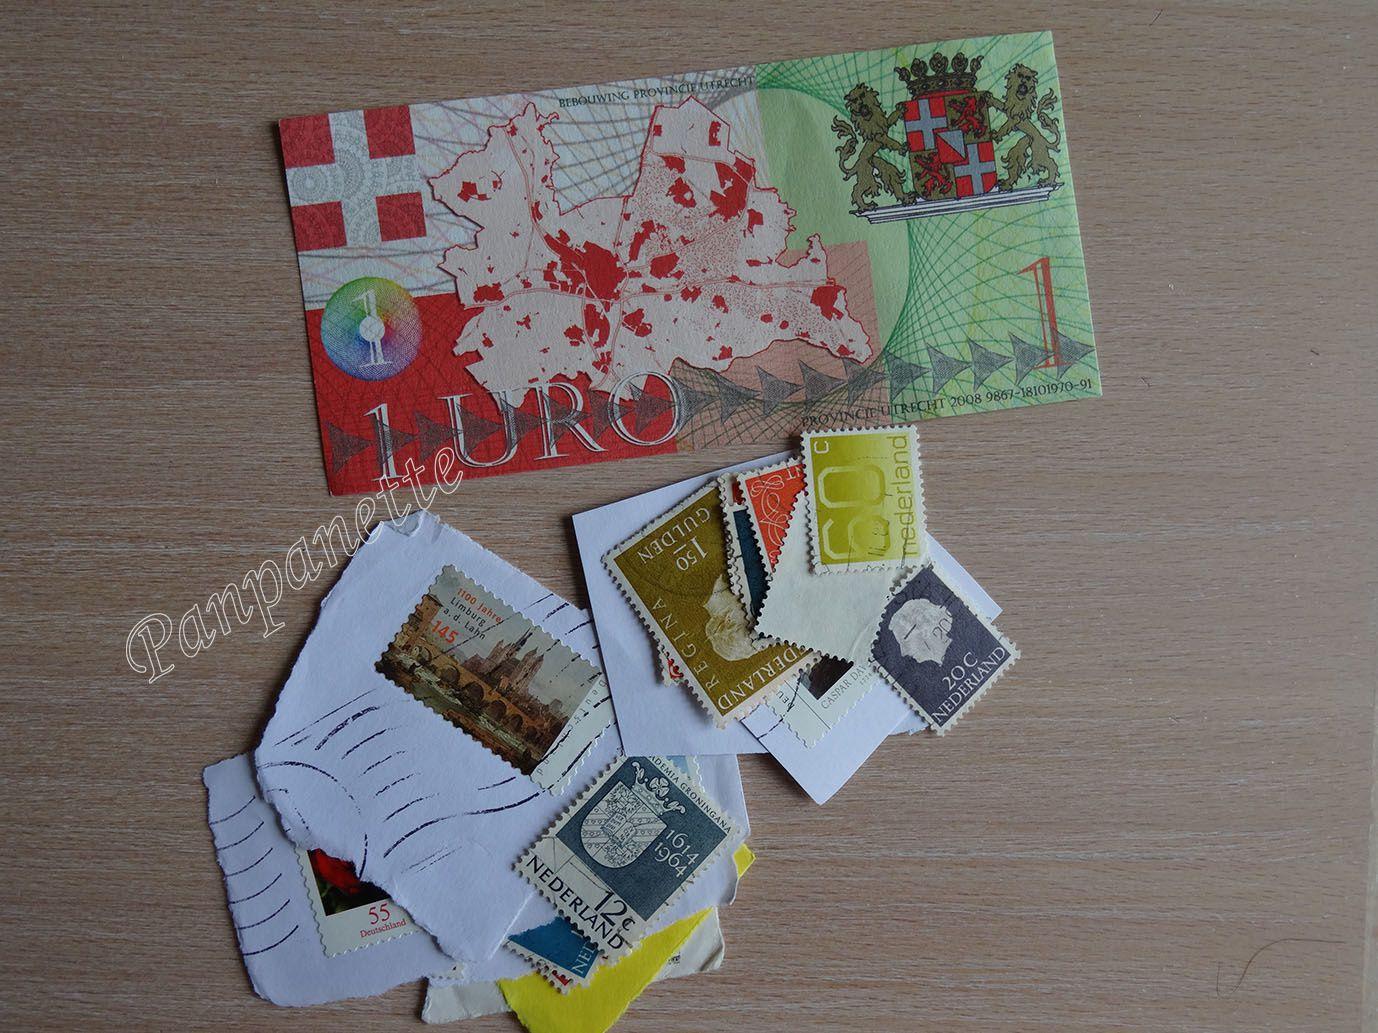 ... avec des timbres pour ma collection